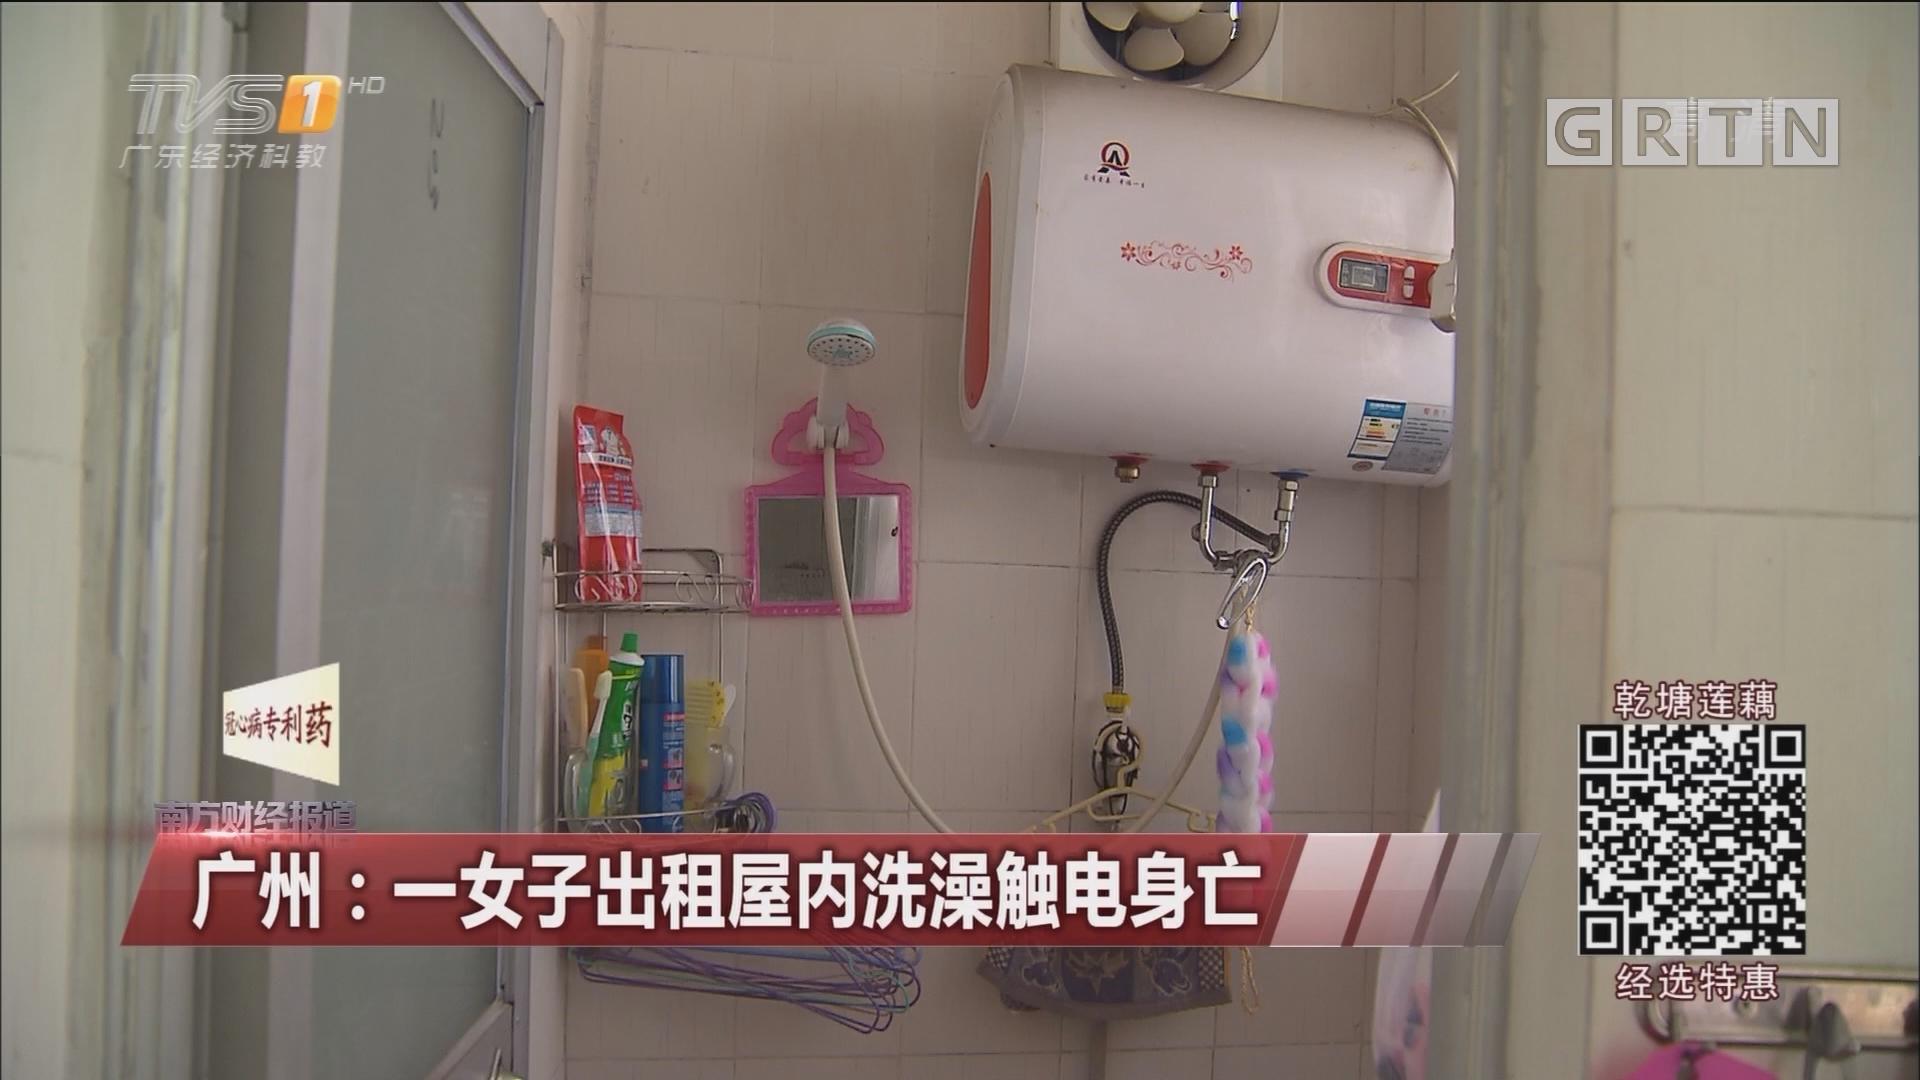 广州:一女子出租屋内洗澡触电身亡